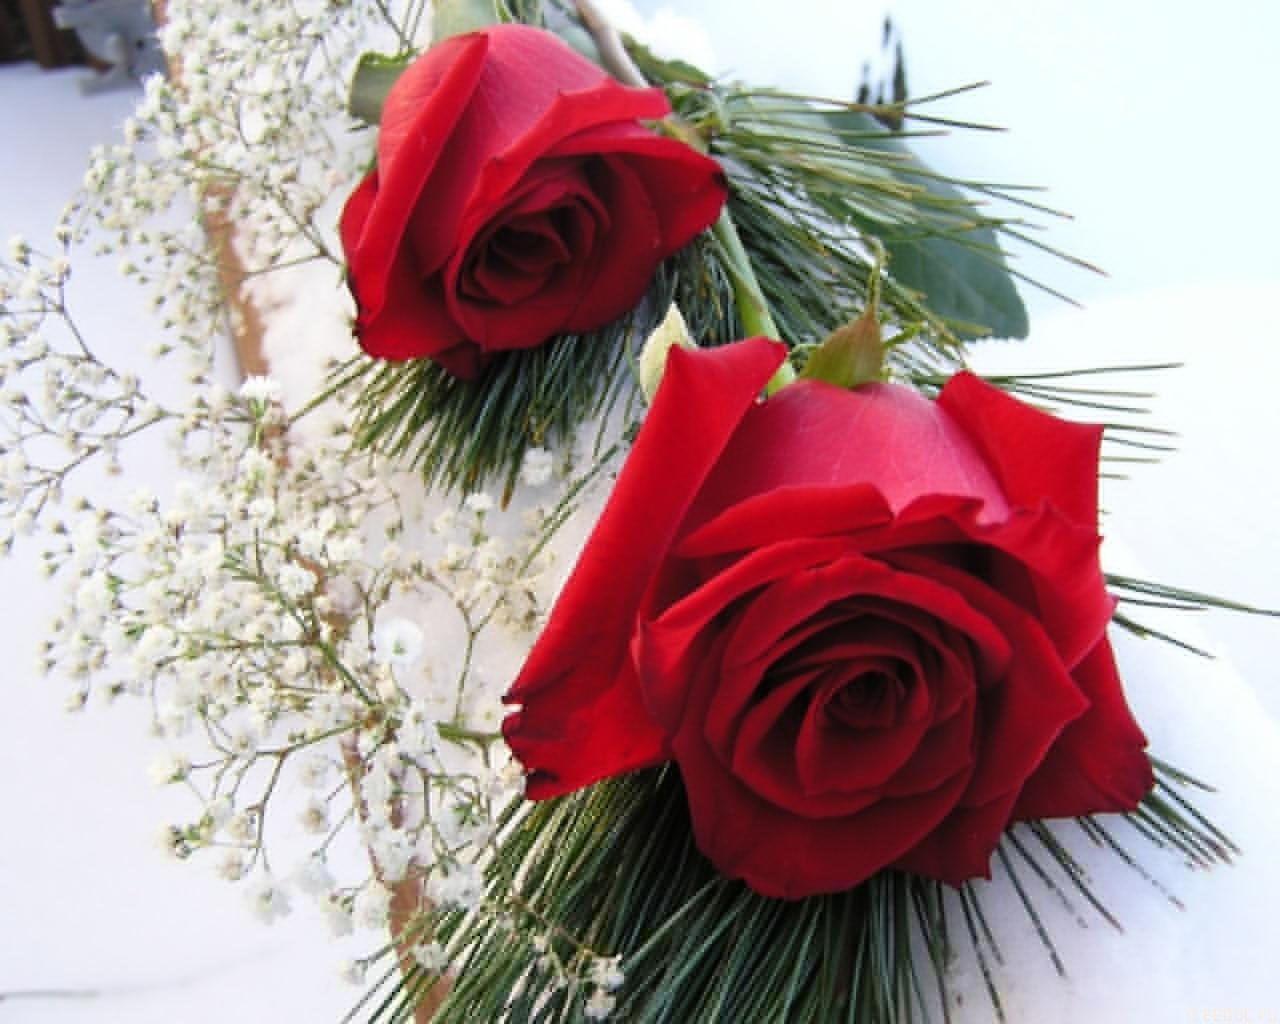 Downloadable images of flowers jpg stock wallpaper of flower jpg stock